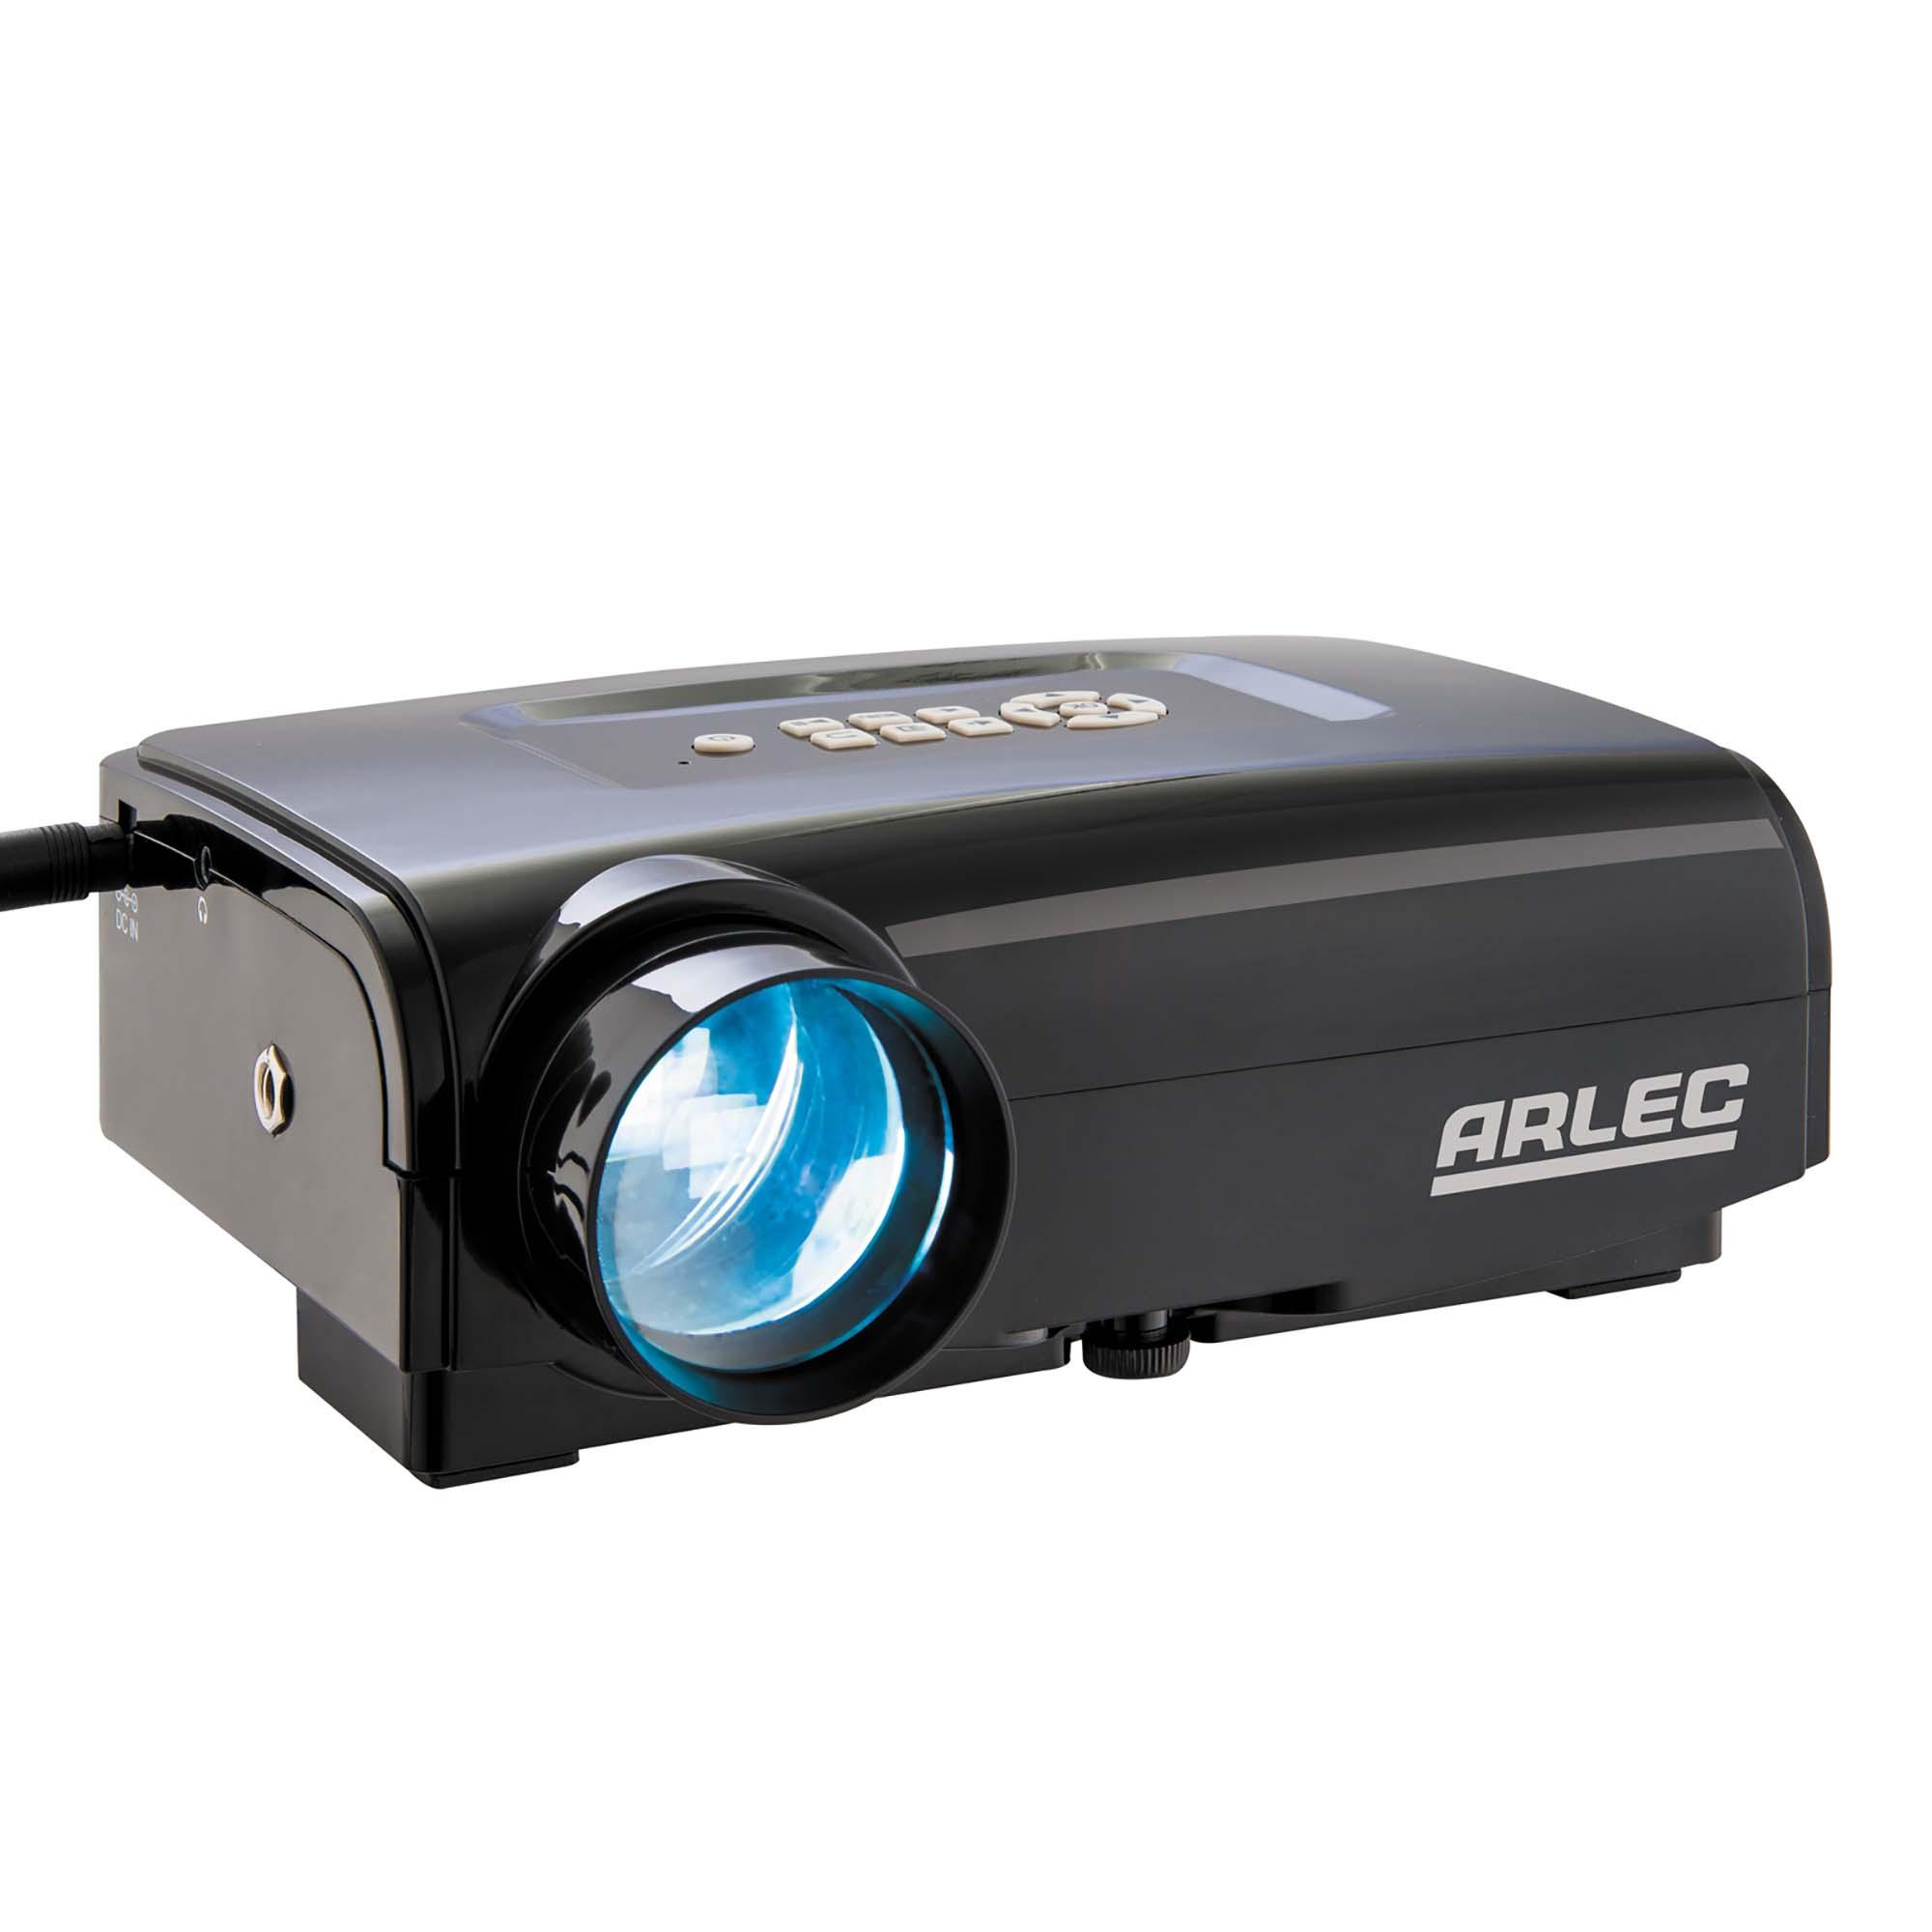 Arlec window projector kit